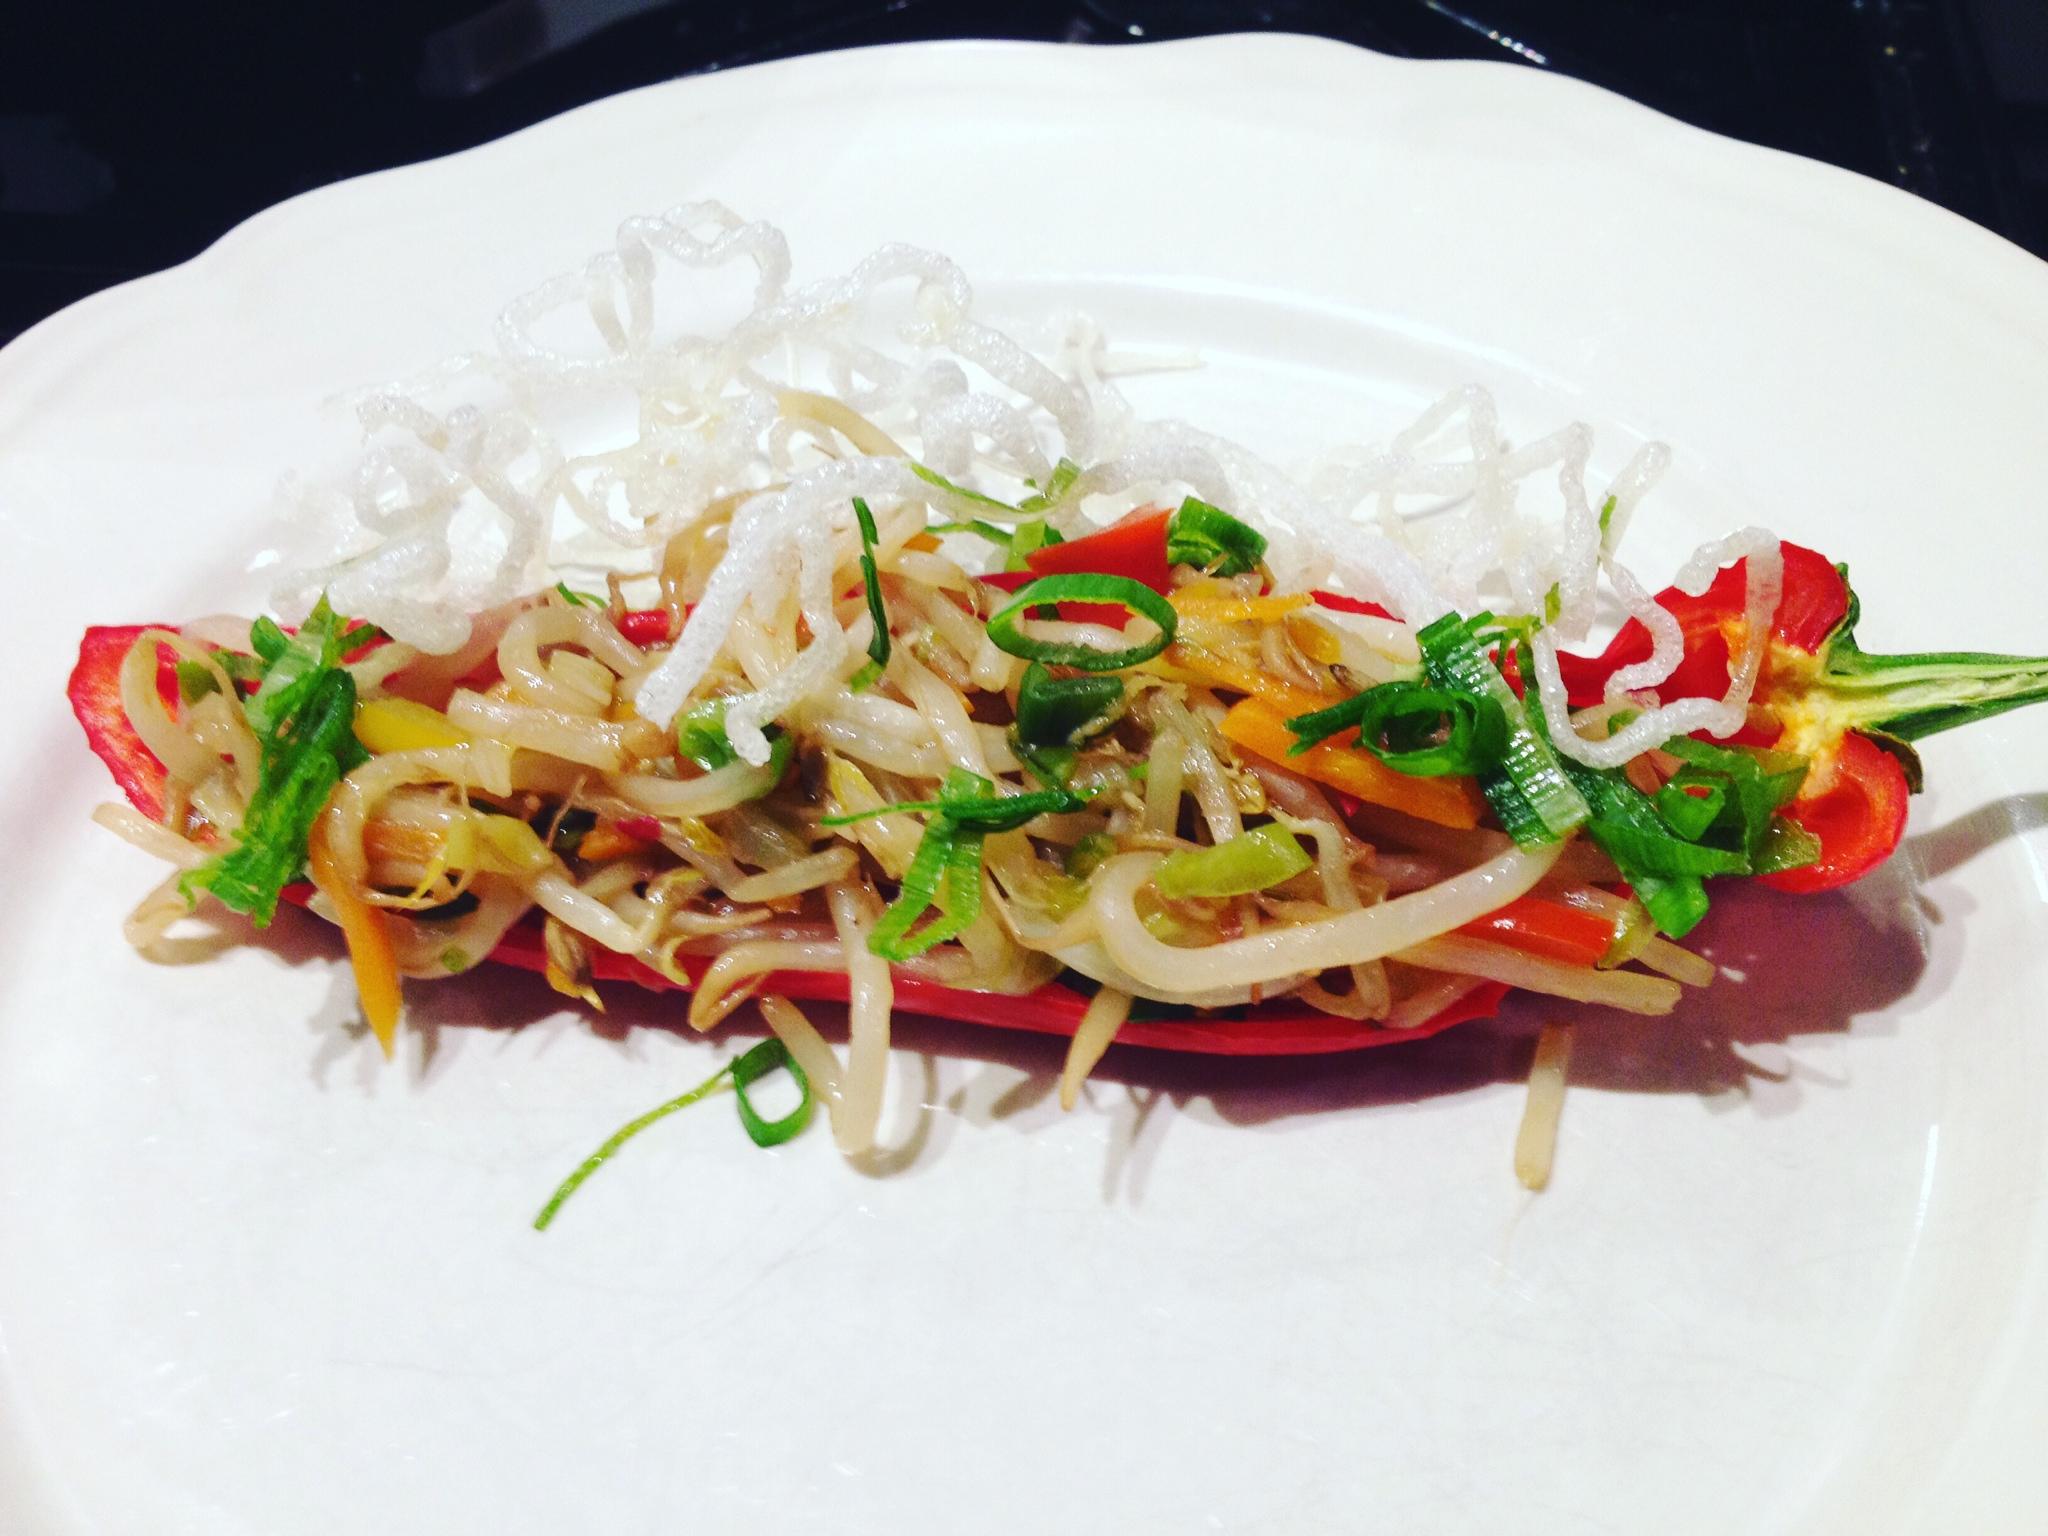 Breng een wok eens op een andere manier op tafel.  Zoals op de foto in een lange zoete paprika met gefrituurde rijstnoedels.